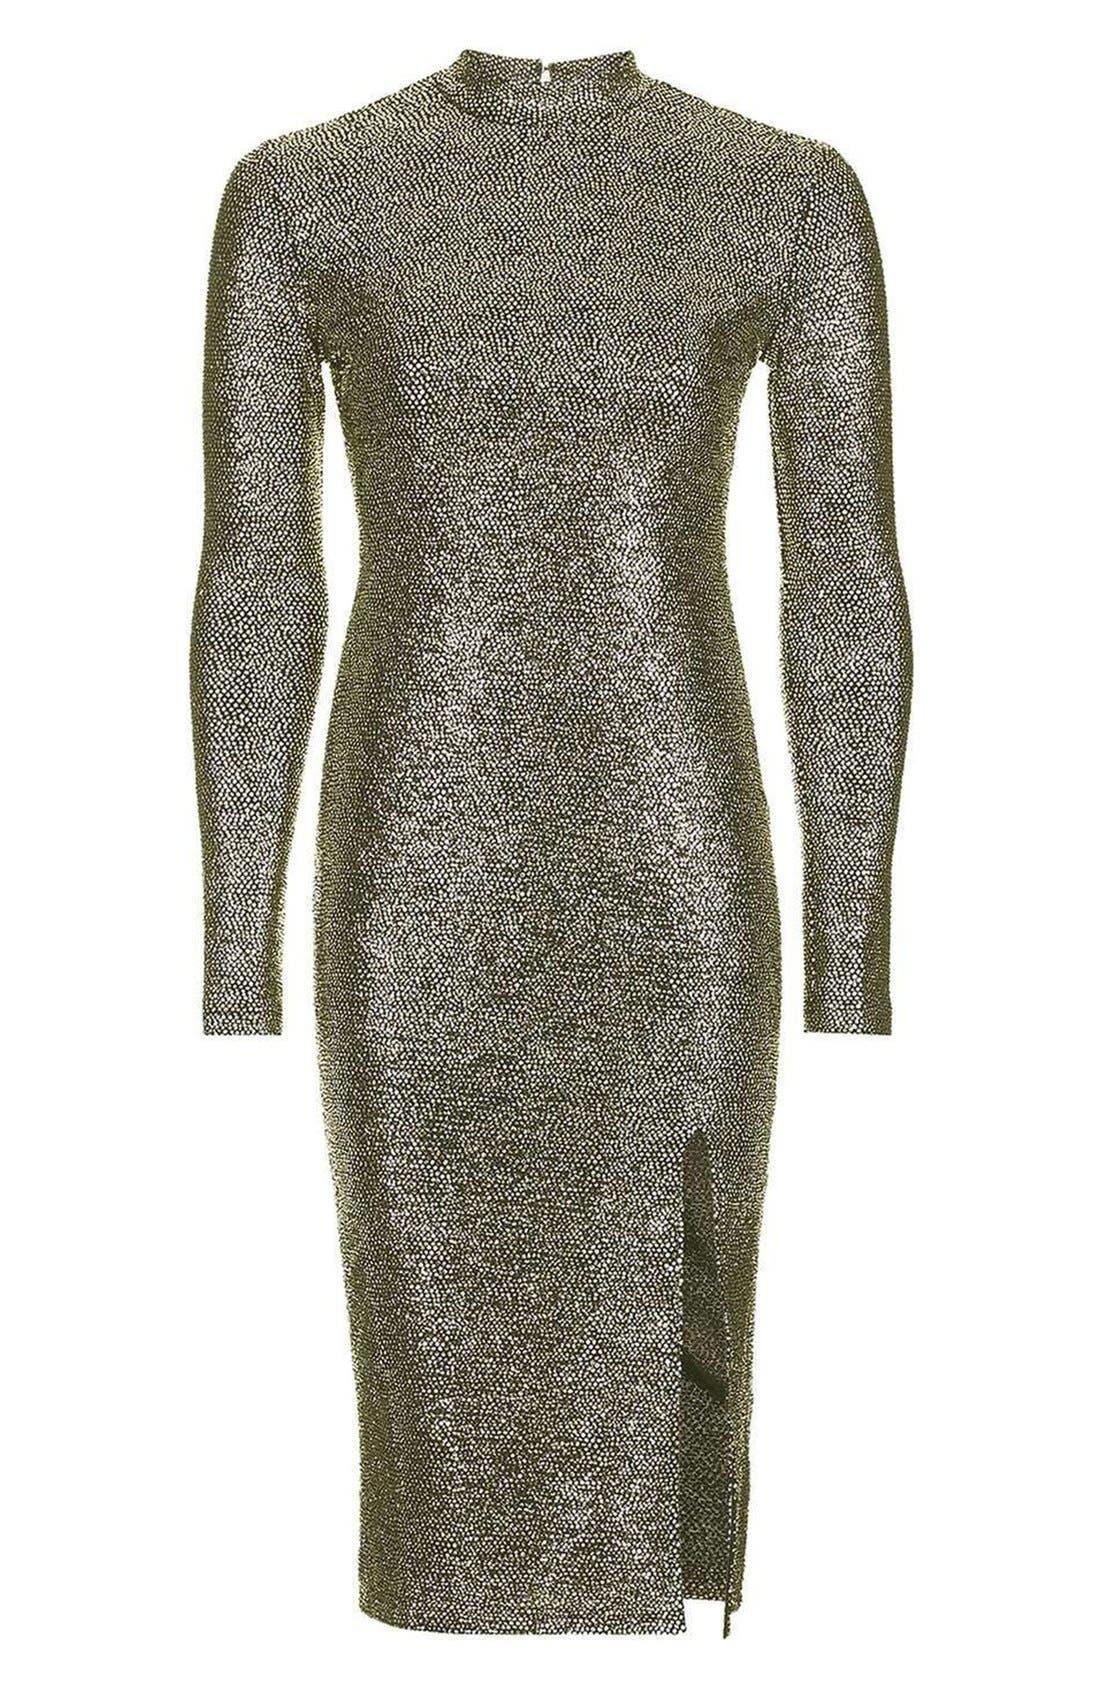 TOPSHOP, Foil Spot Midi Dress, Alternate thumbnail 8, color, 710